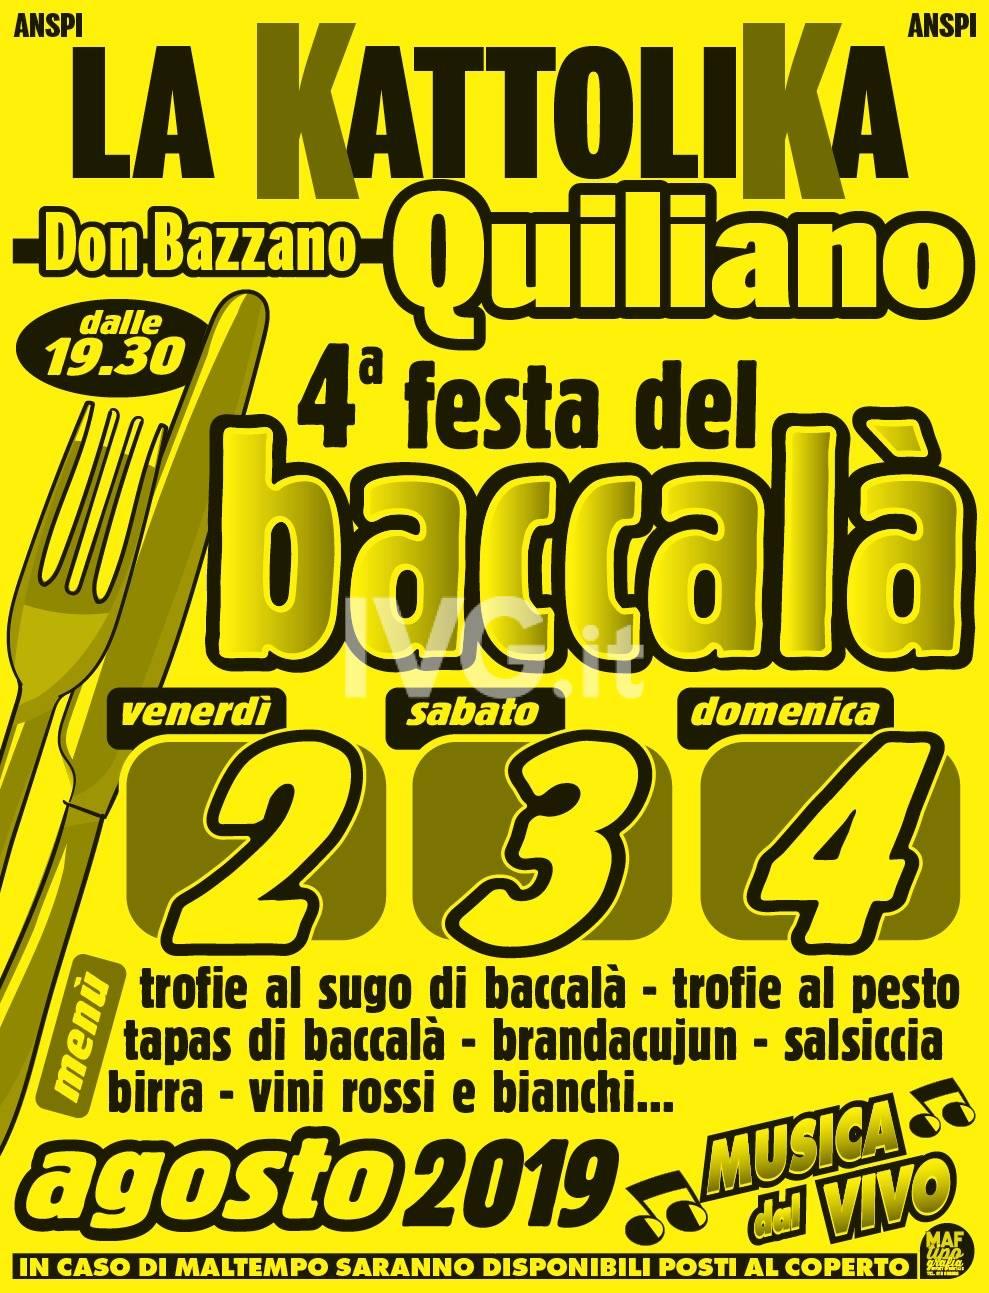 4° festa del baccalà a Quiliano